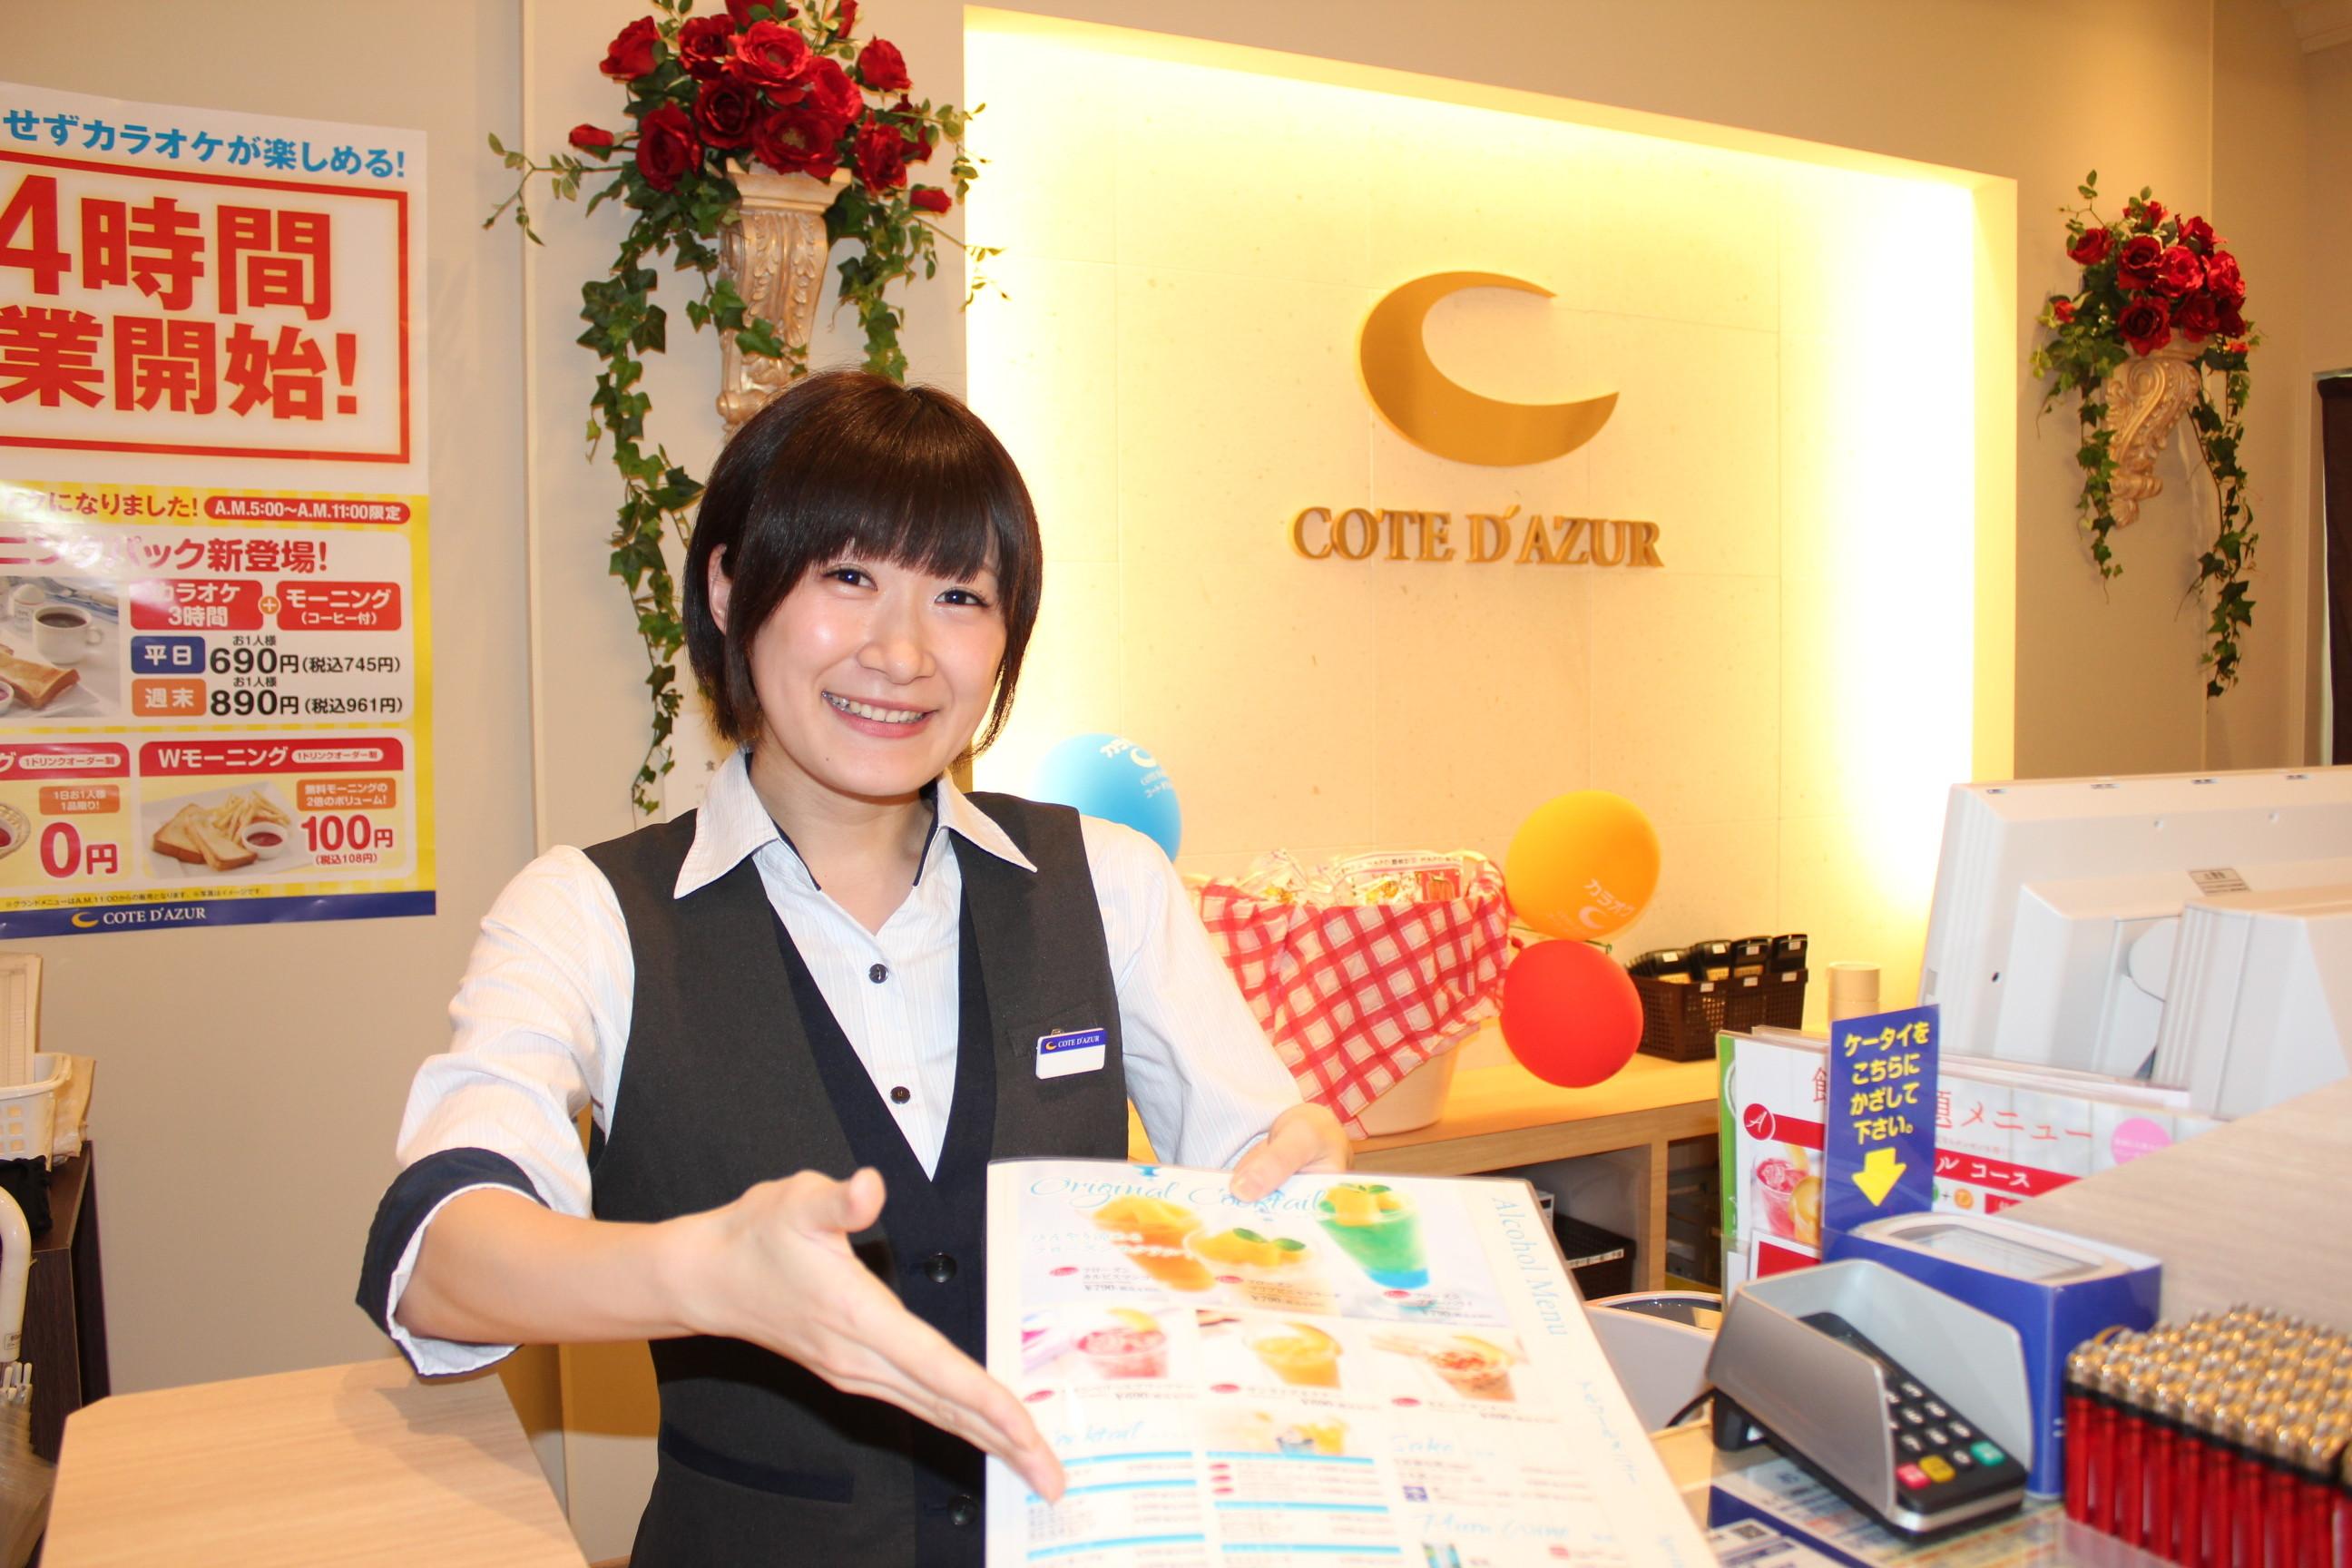 コート・ダジュール 岡崎大樹寺店 のアルバイト情報